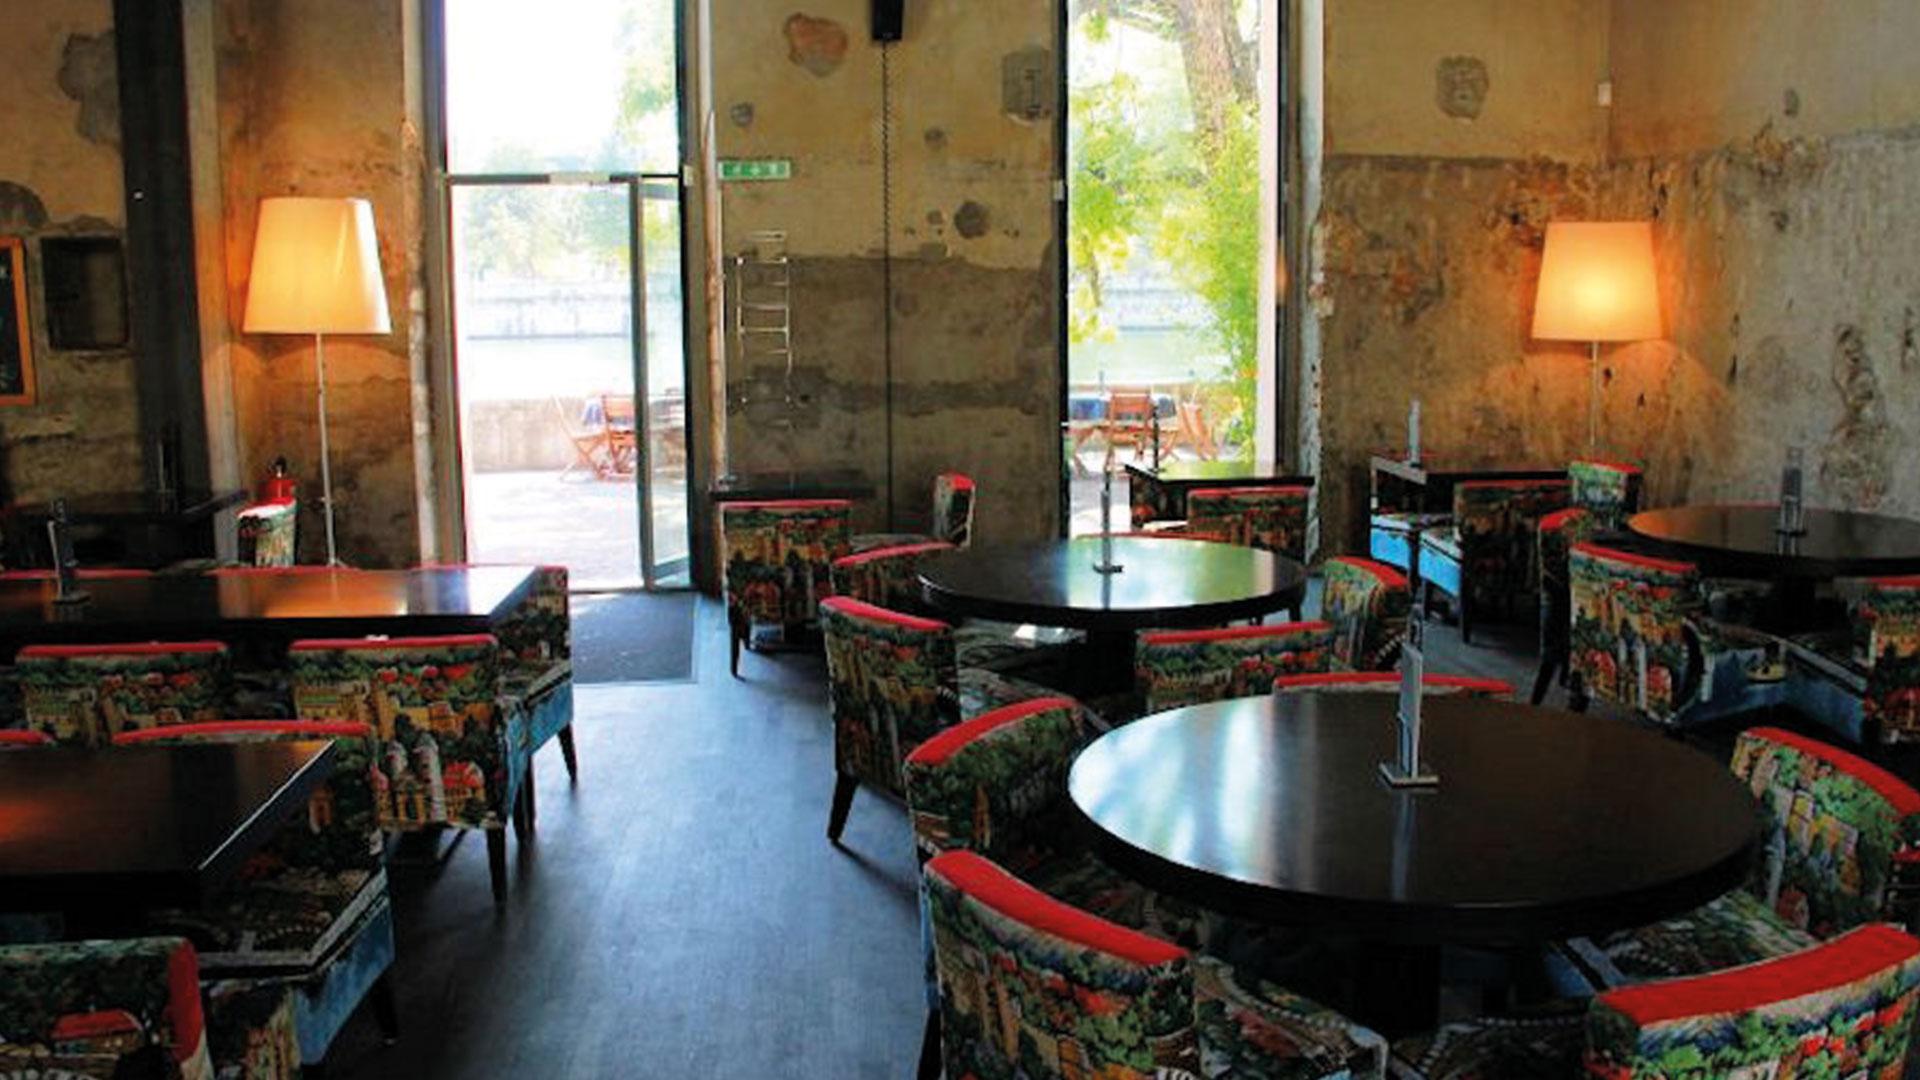 artomis gmbh |möbel - gastro - einrichtungen |Solheure Bar Restaurant Lounge